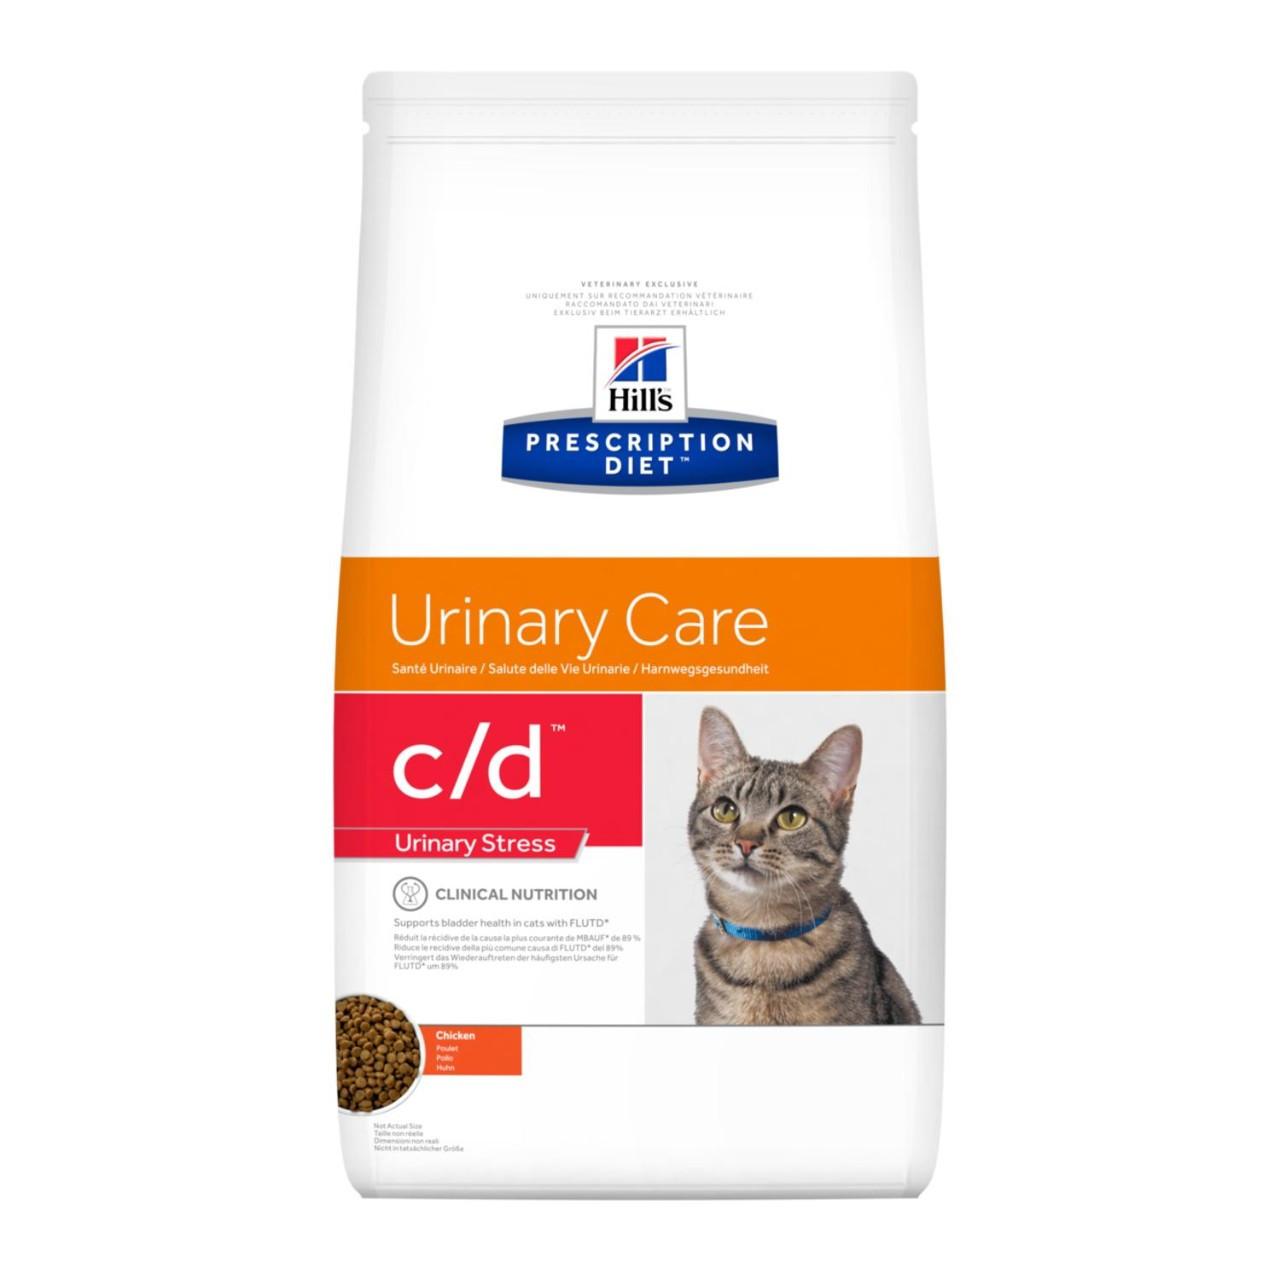 Hill's Prescription Diet c/d Urinary Care при идеопатическом цистите, курица, уп.1,5 кг